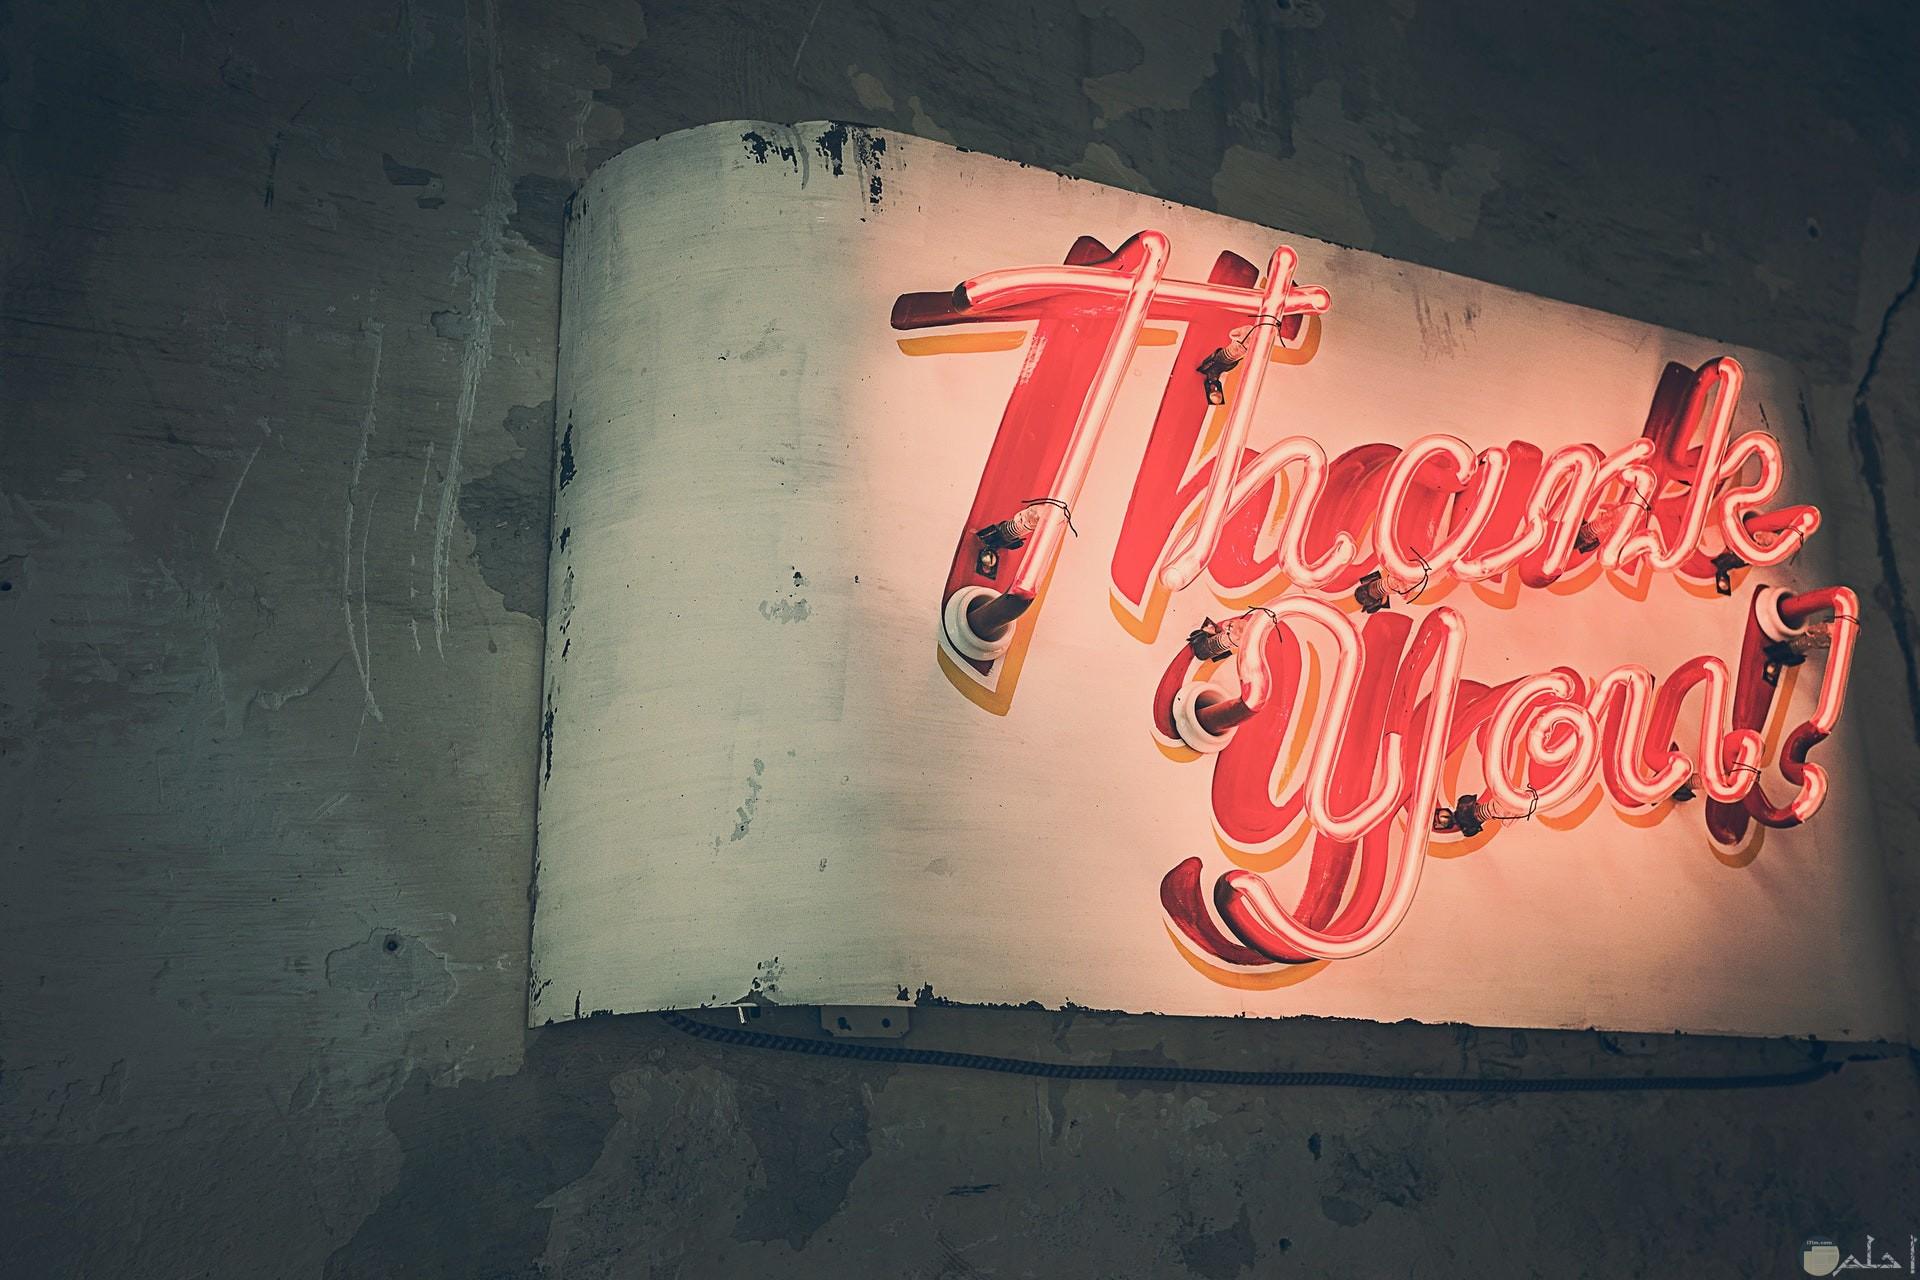 صورة جميلة للتعبير عن الشكر والعرفان بالإنجليزي مكتوبة باللون الأحمر